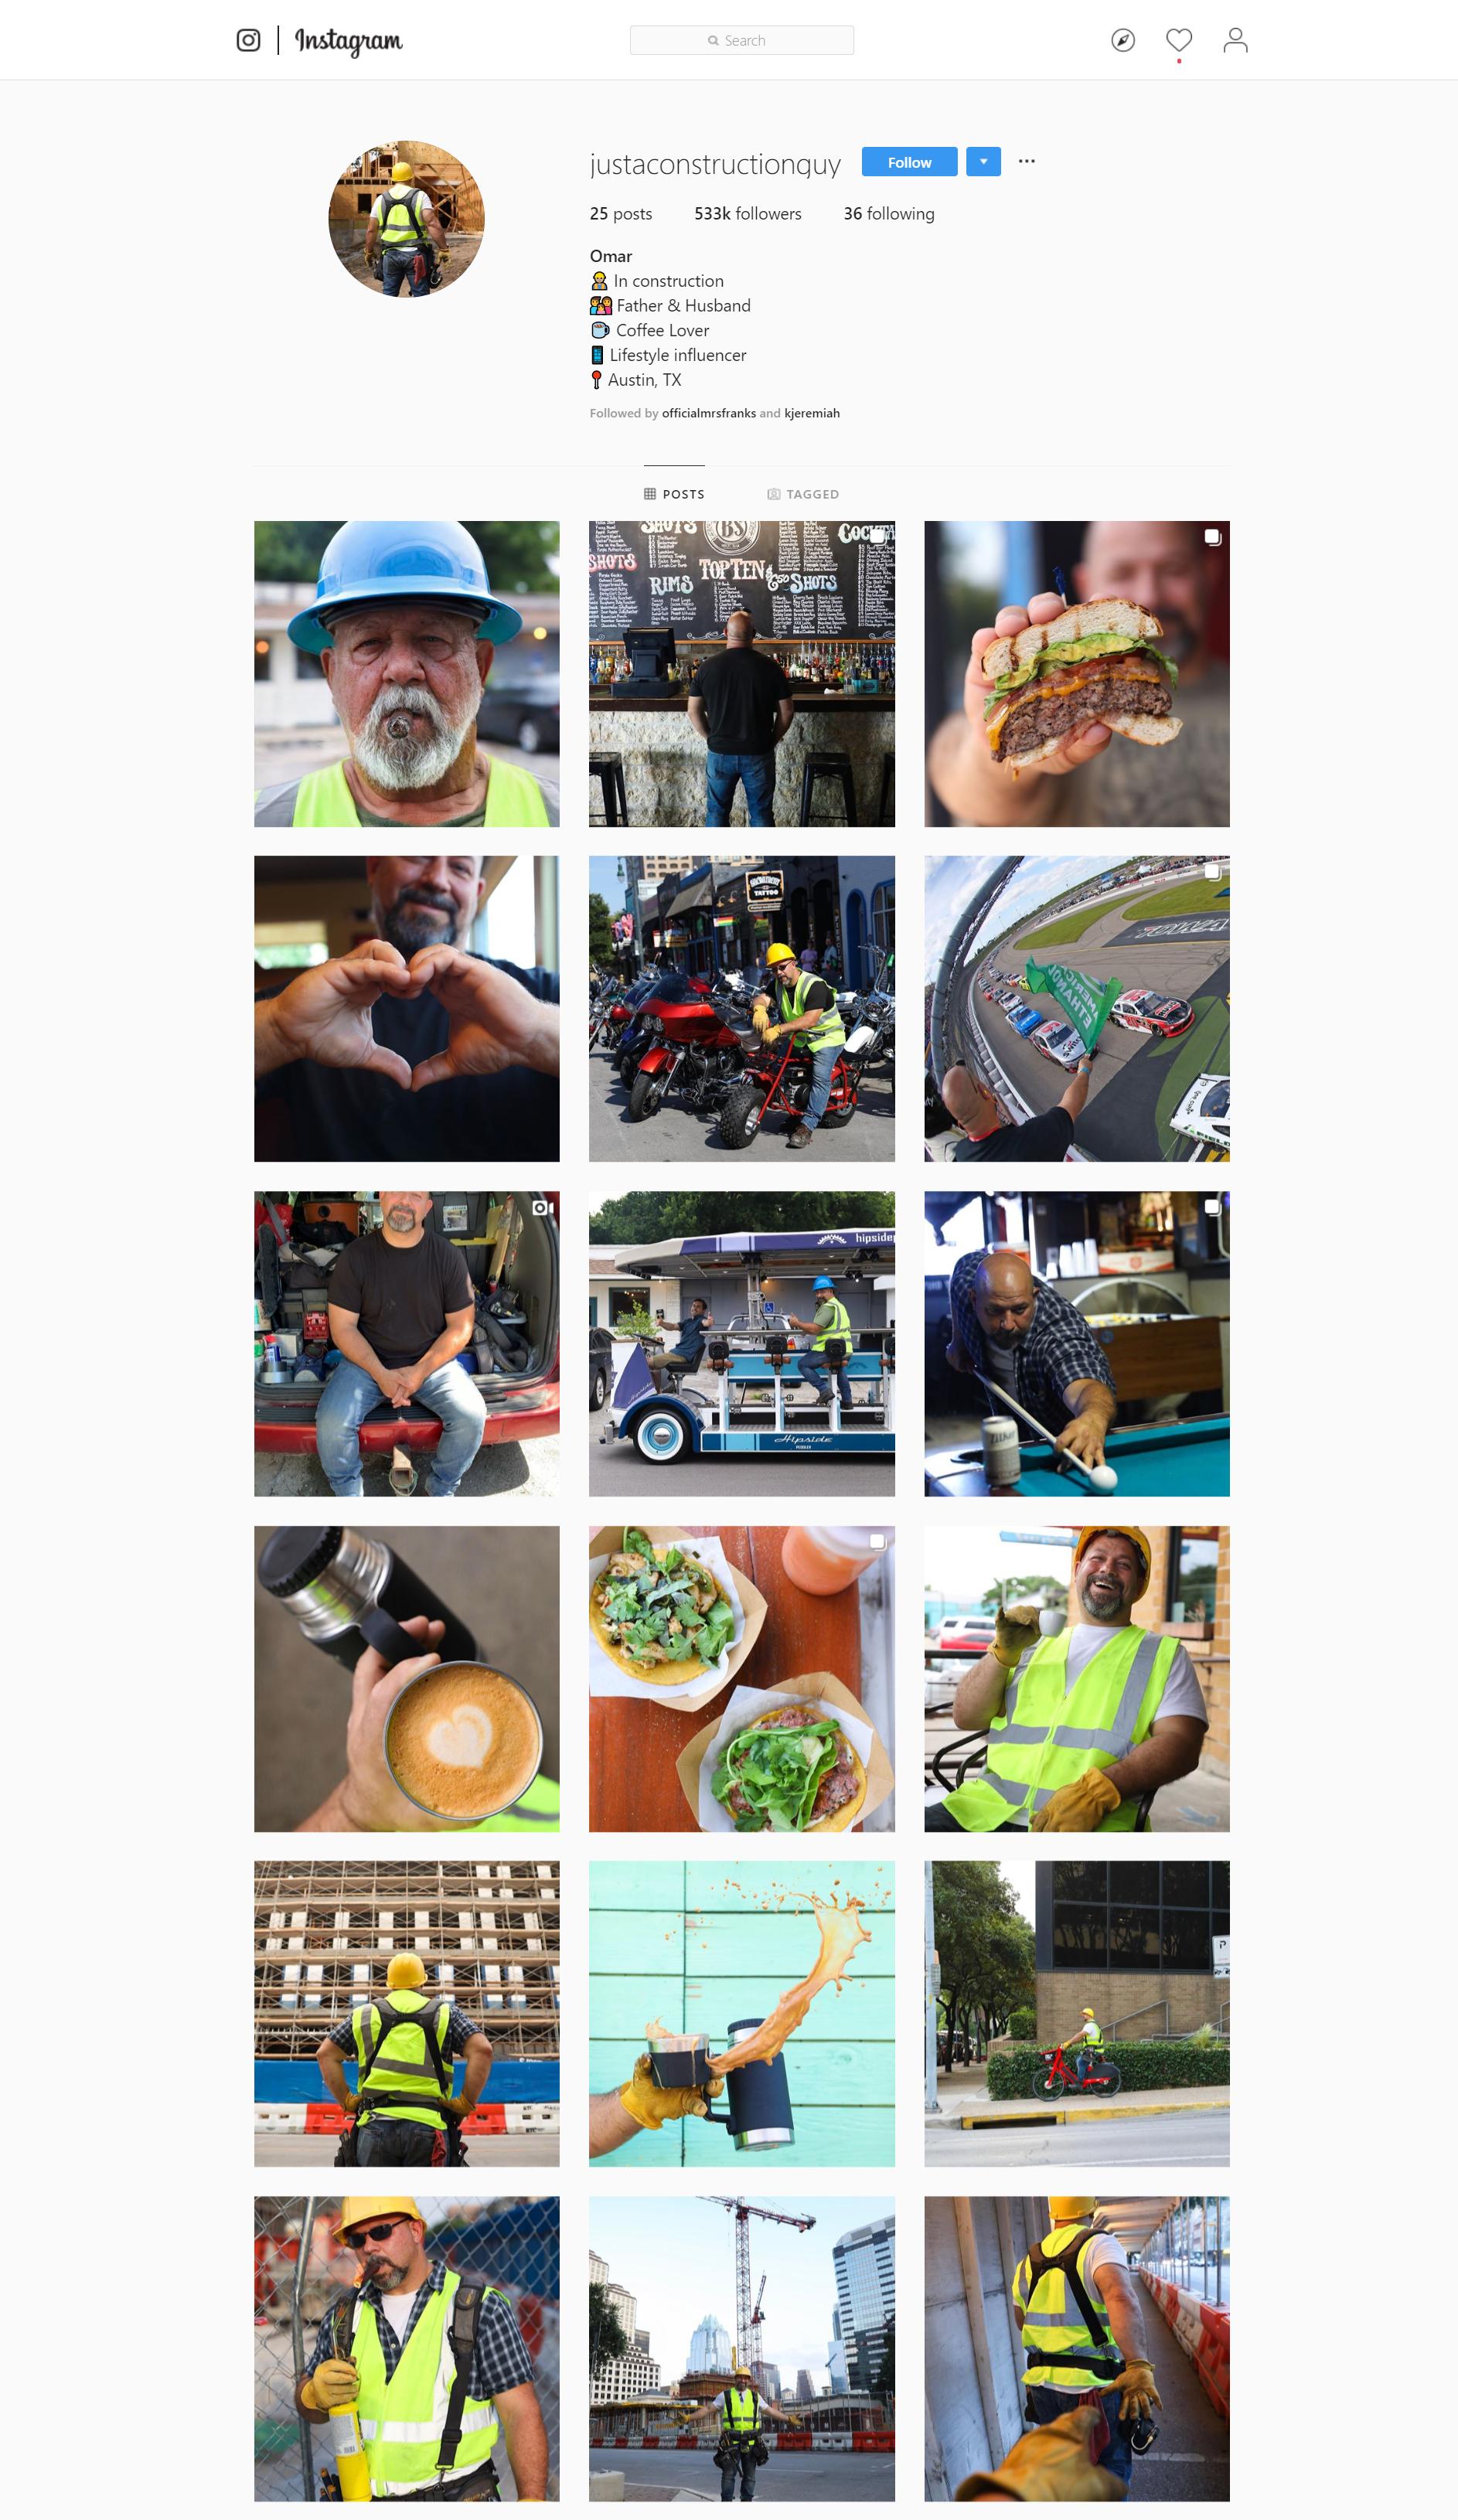 screencapture-instagram-justaconstructionguy-2019-07-26-14_02_48.png